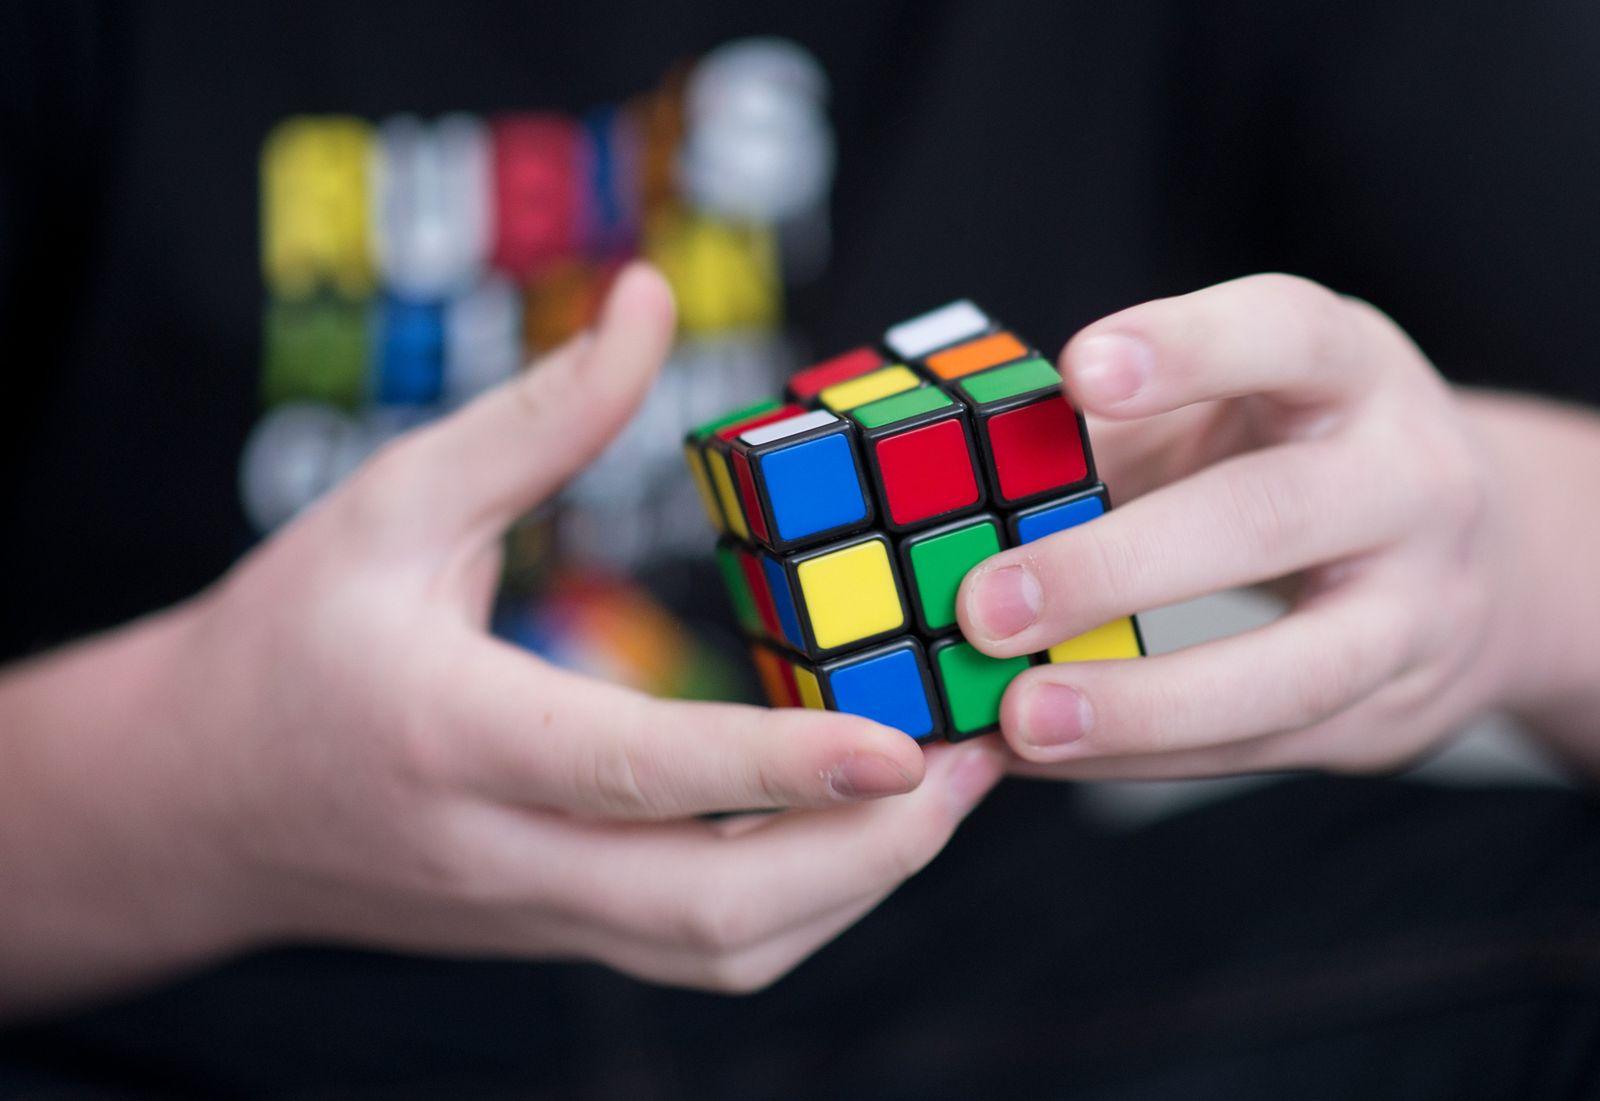 Rubiks Cube / Zauberwürfel